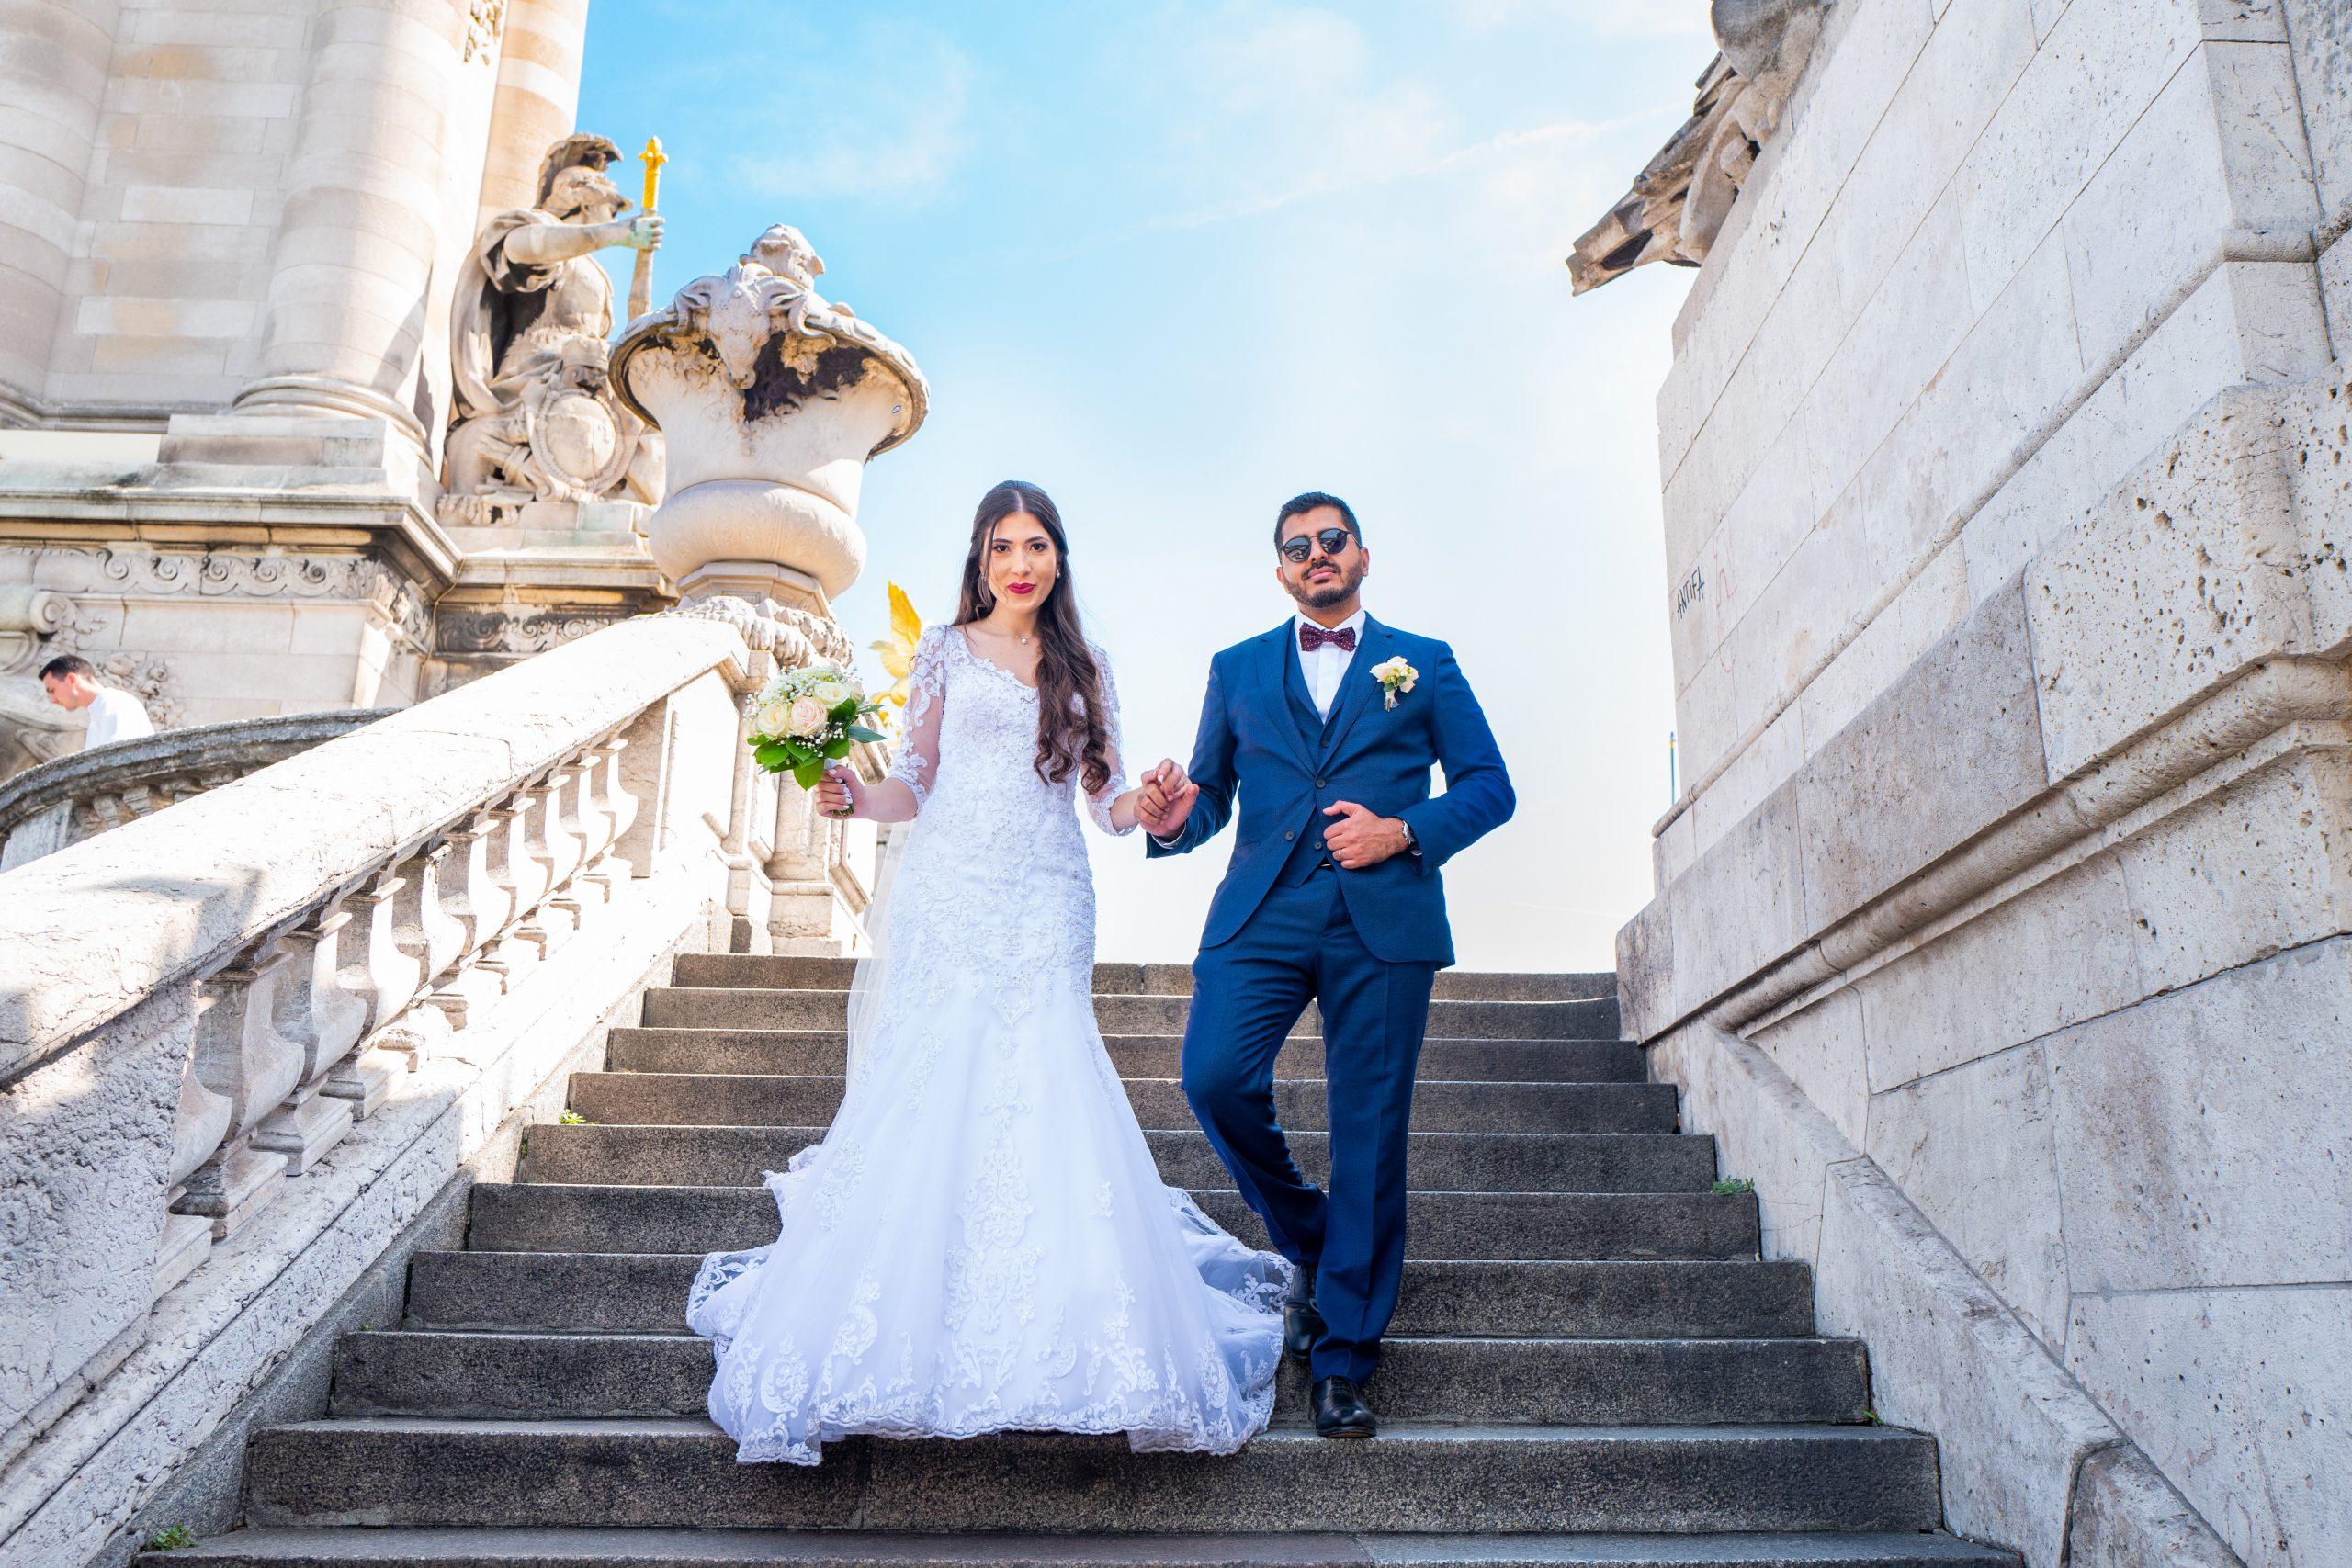 Mariage Paris - Photographe mariage Paris original - Séance couple - Tour Eiffel - Pont Alexandre III -